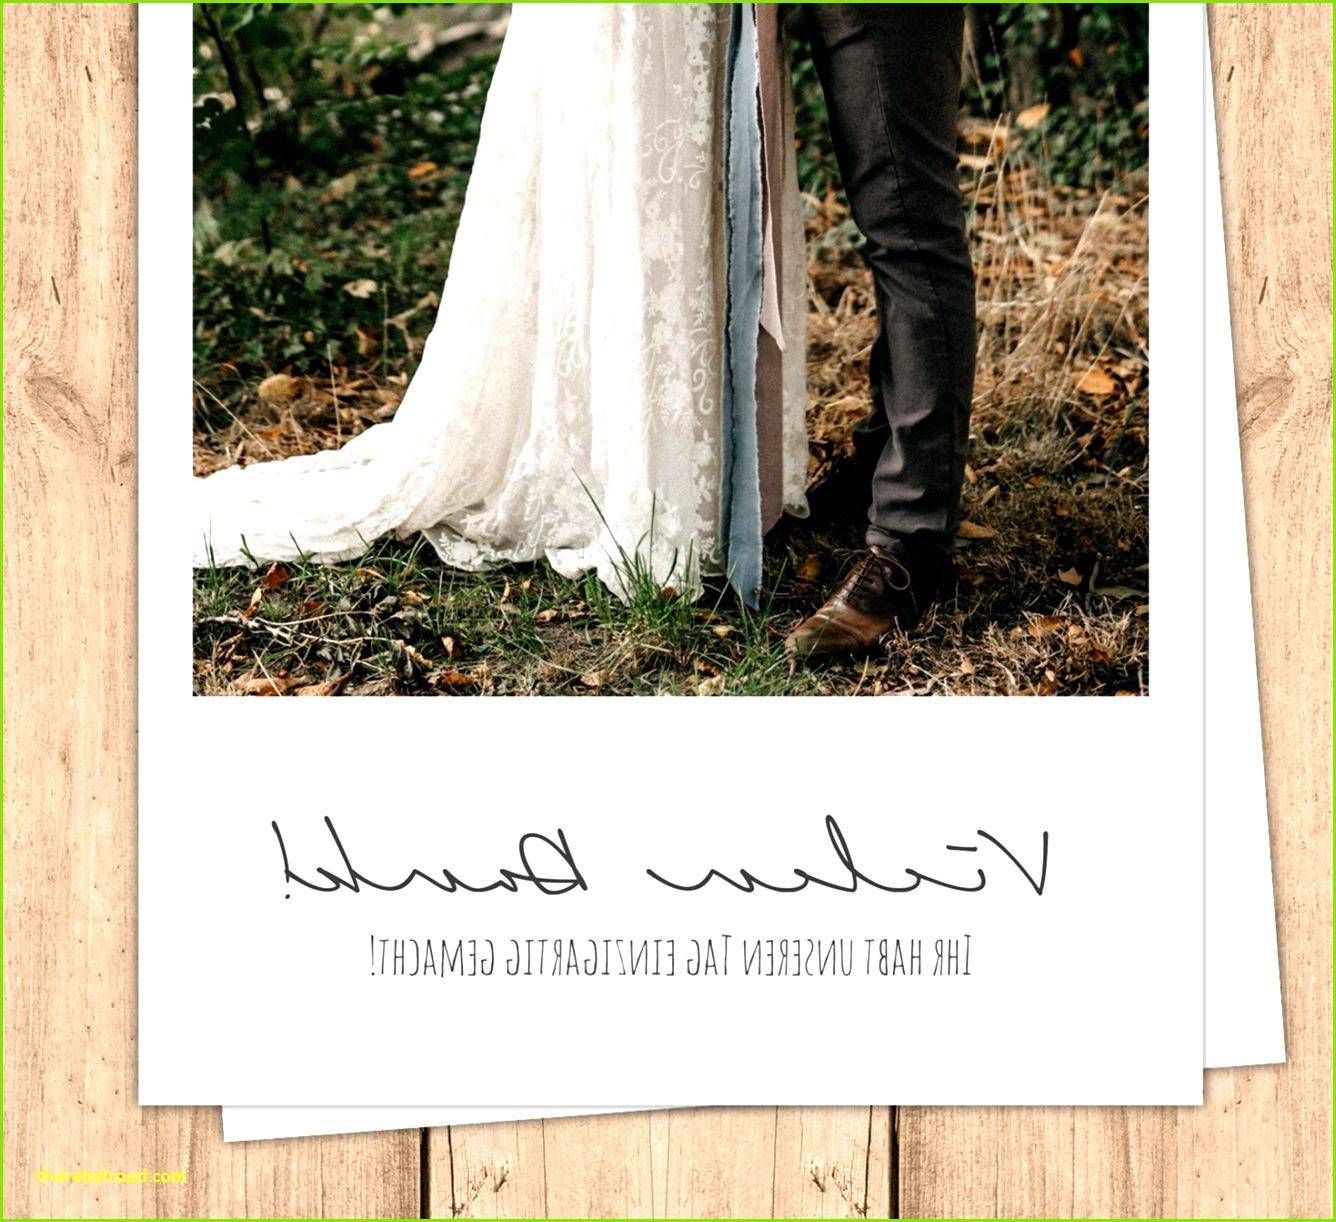 Dankeskarten Hochzeit Kraftpapier Beste Probe Danke Text Hochzeit Inspirierend Einladung Hochzeit Einseitig Einladung Hochzeit Od Silberhochzeit